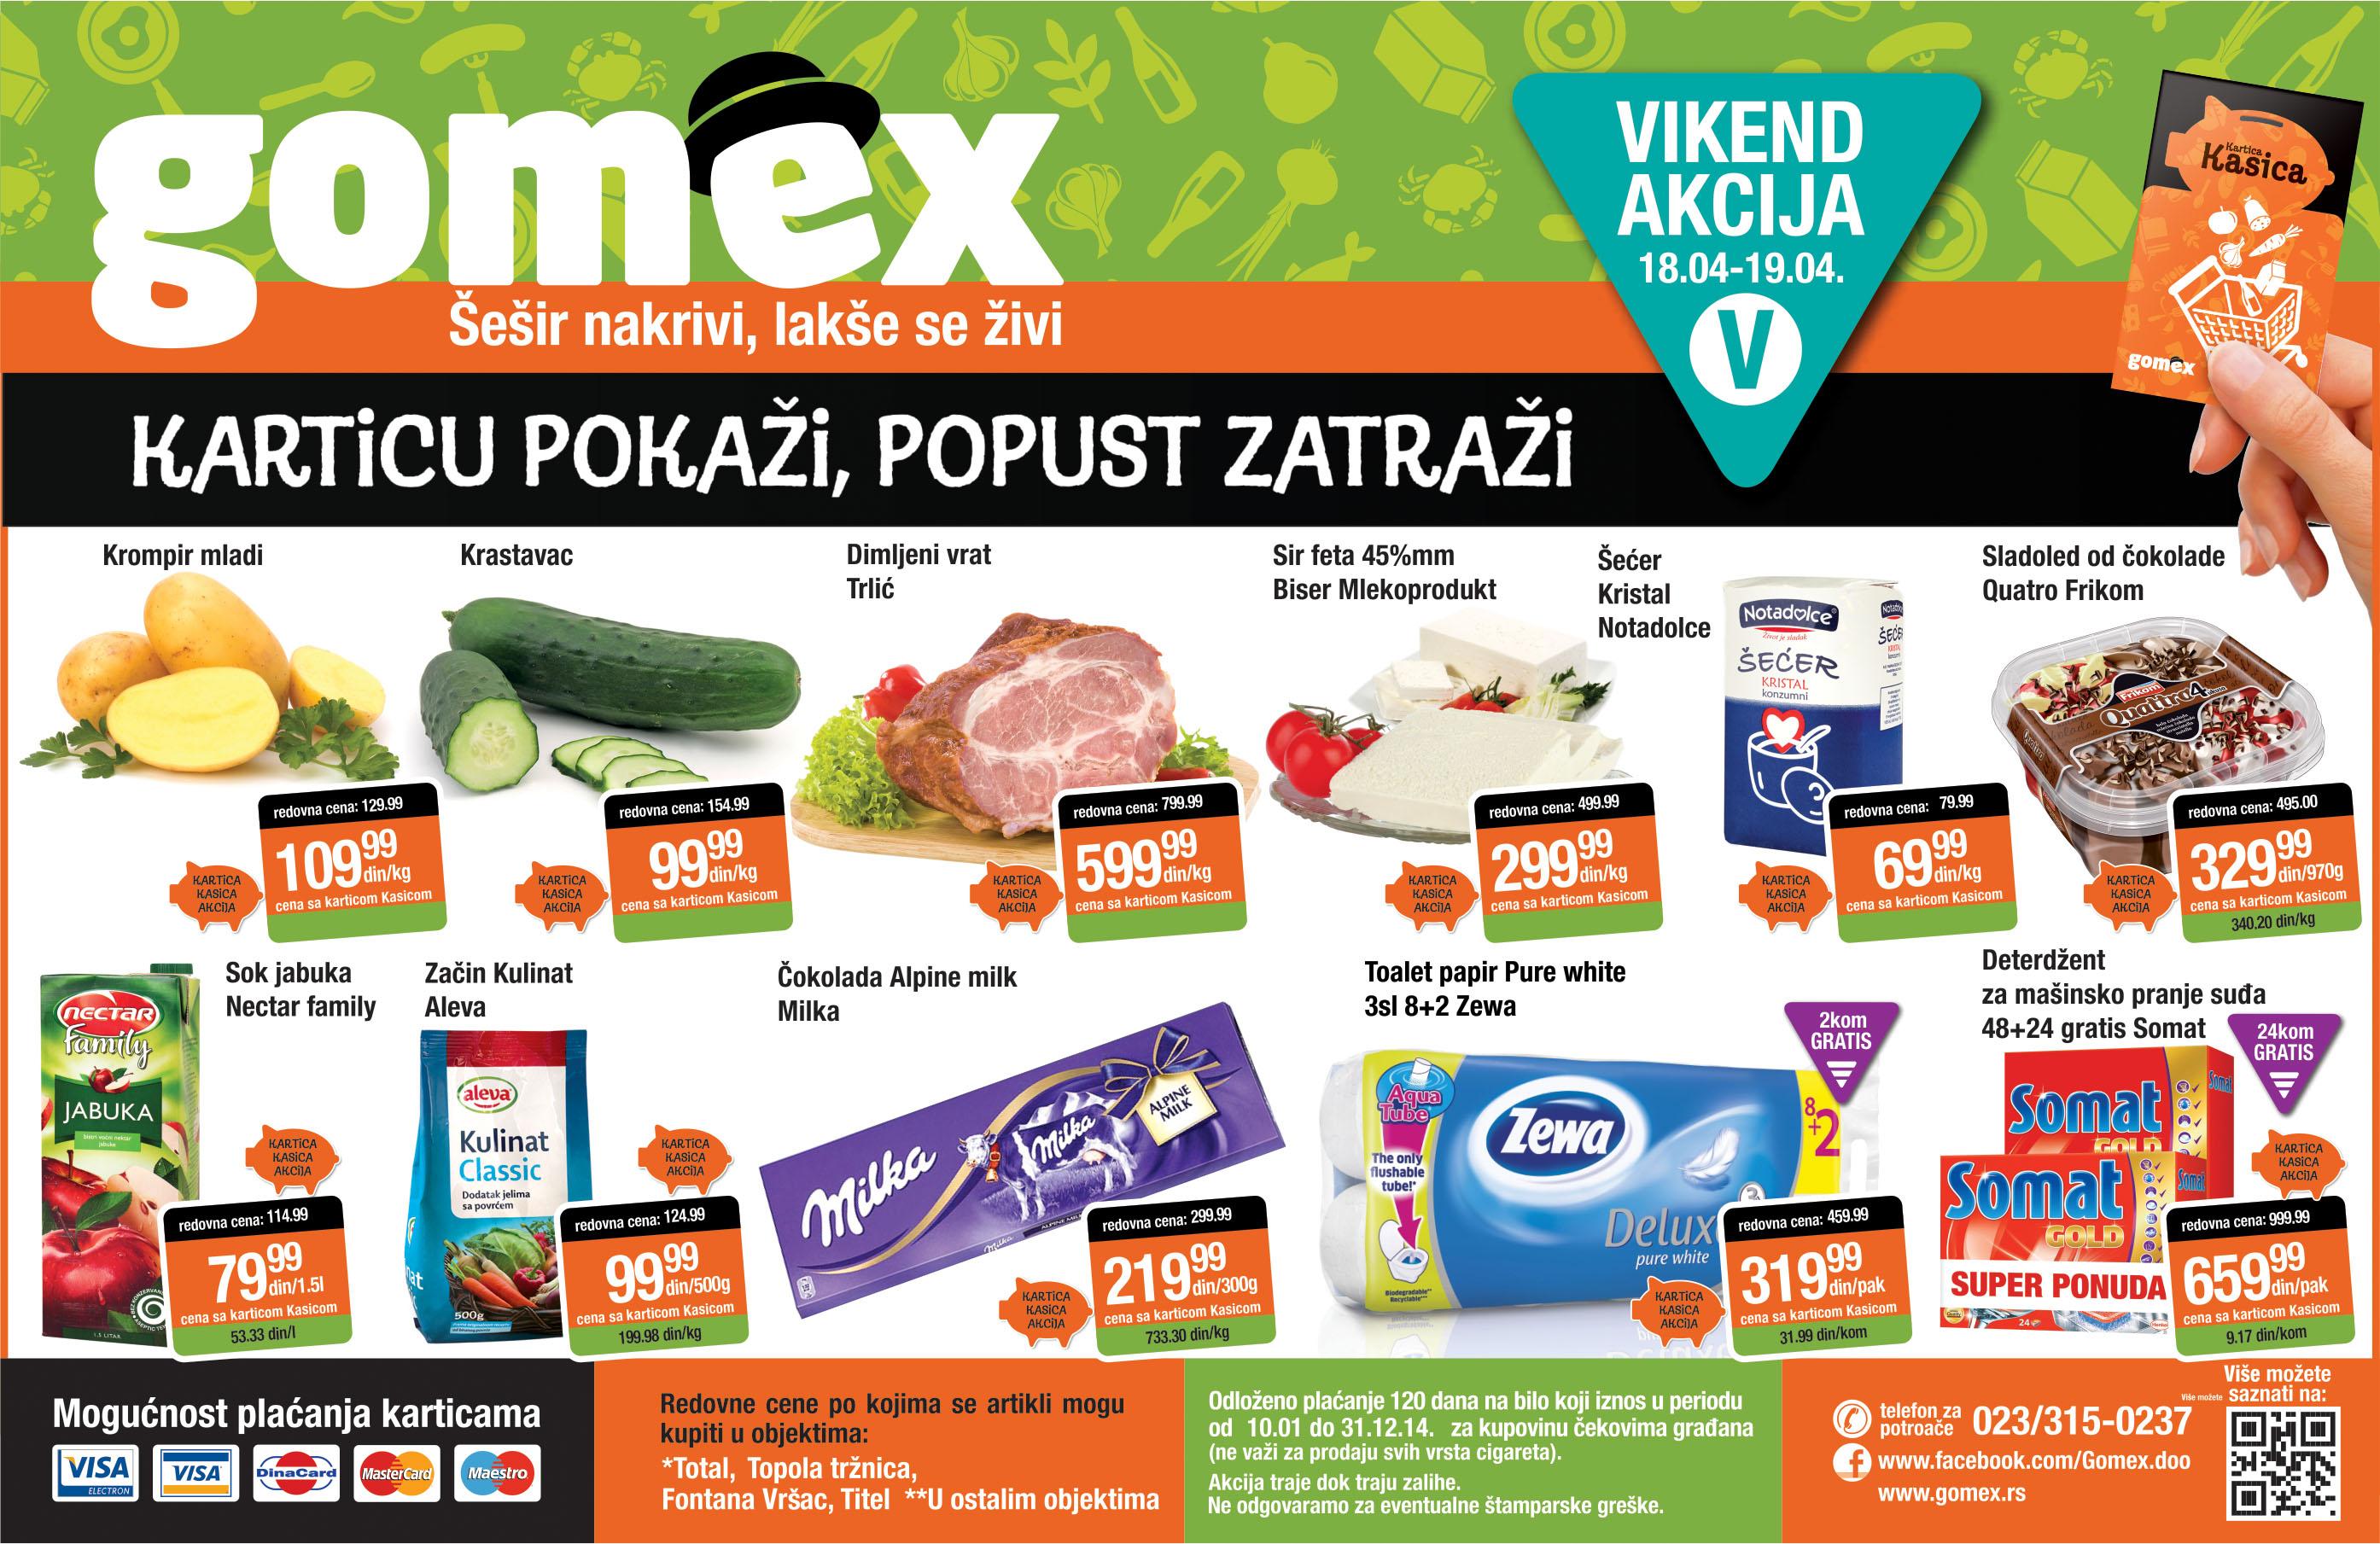 Gomex akcija vikend super ponude samo za vas